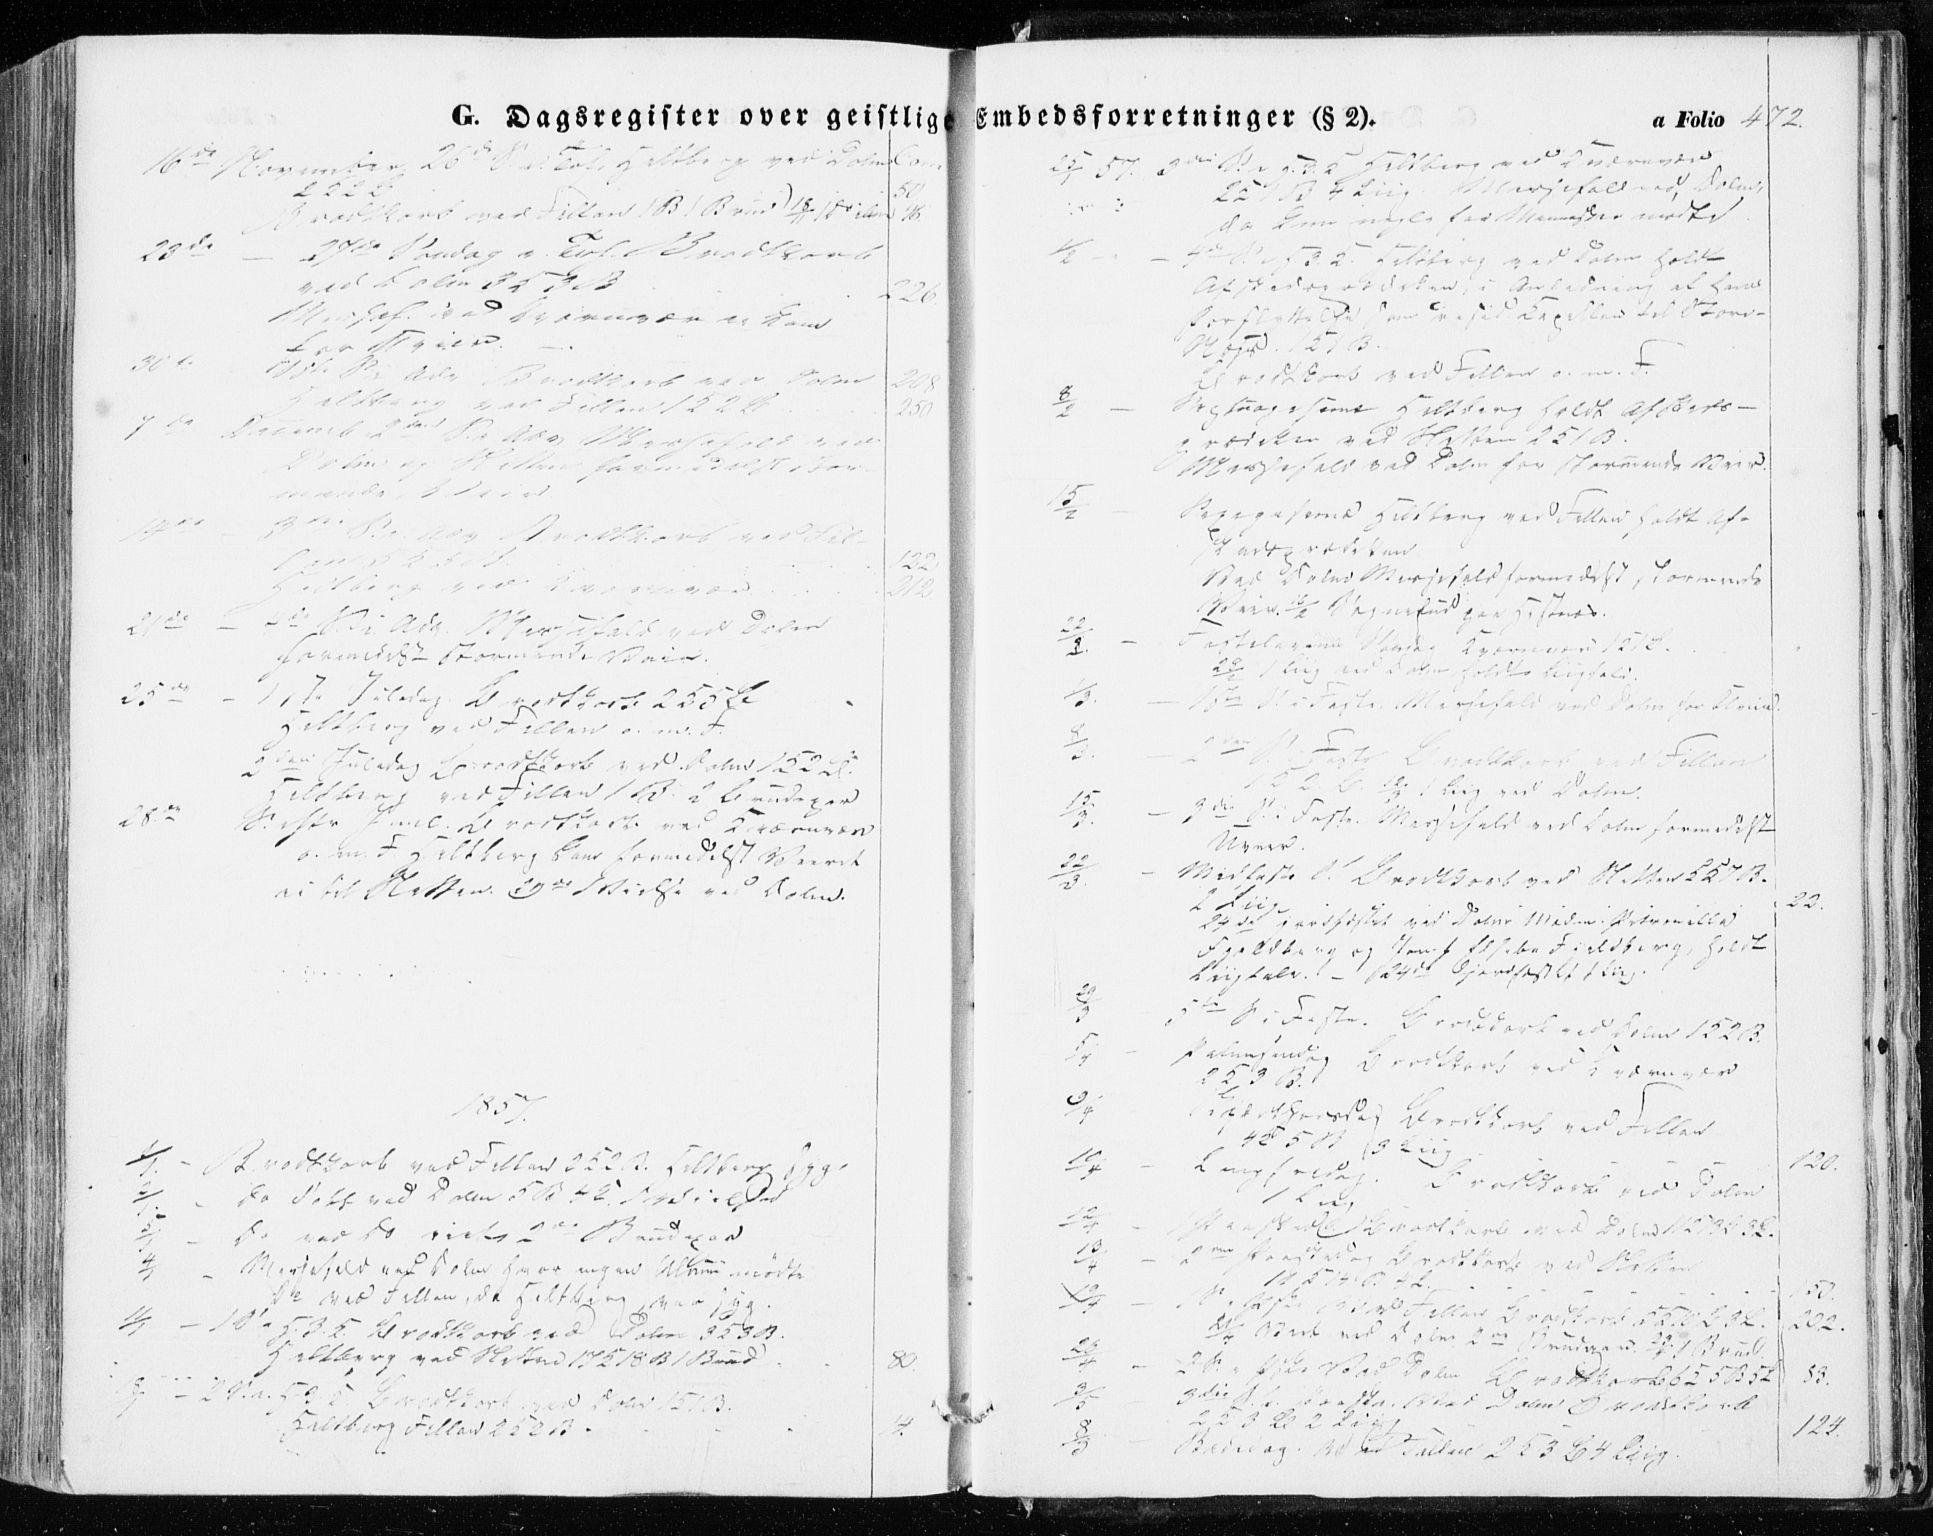 SAT, Ministerialprotokoller, klokkerbøker og fødselsregistre - Sør-Trøndelag, 634/L0530: Ministerialbok nr. 634A06, 1852-1860, s. 472